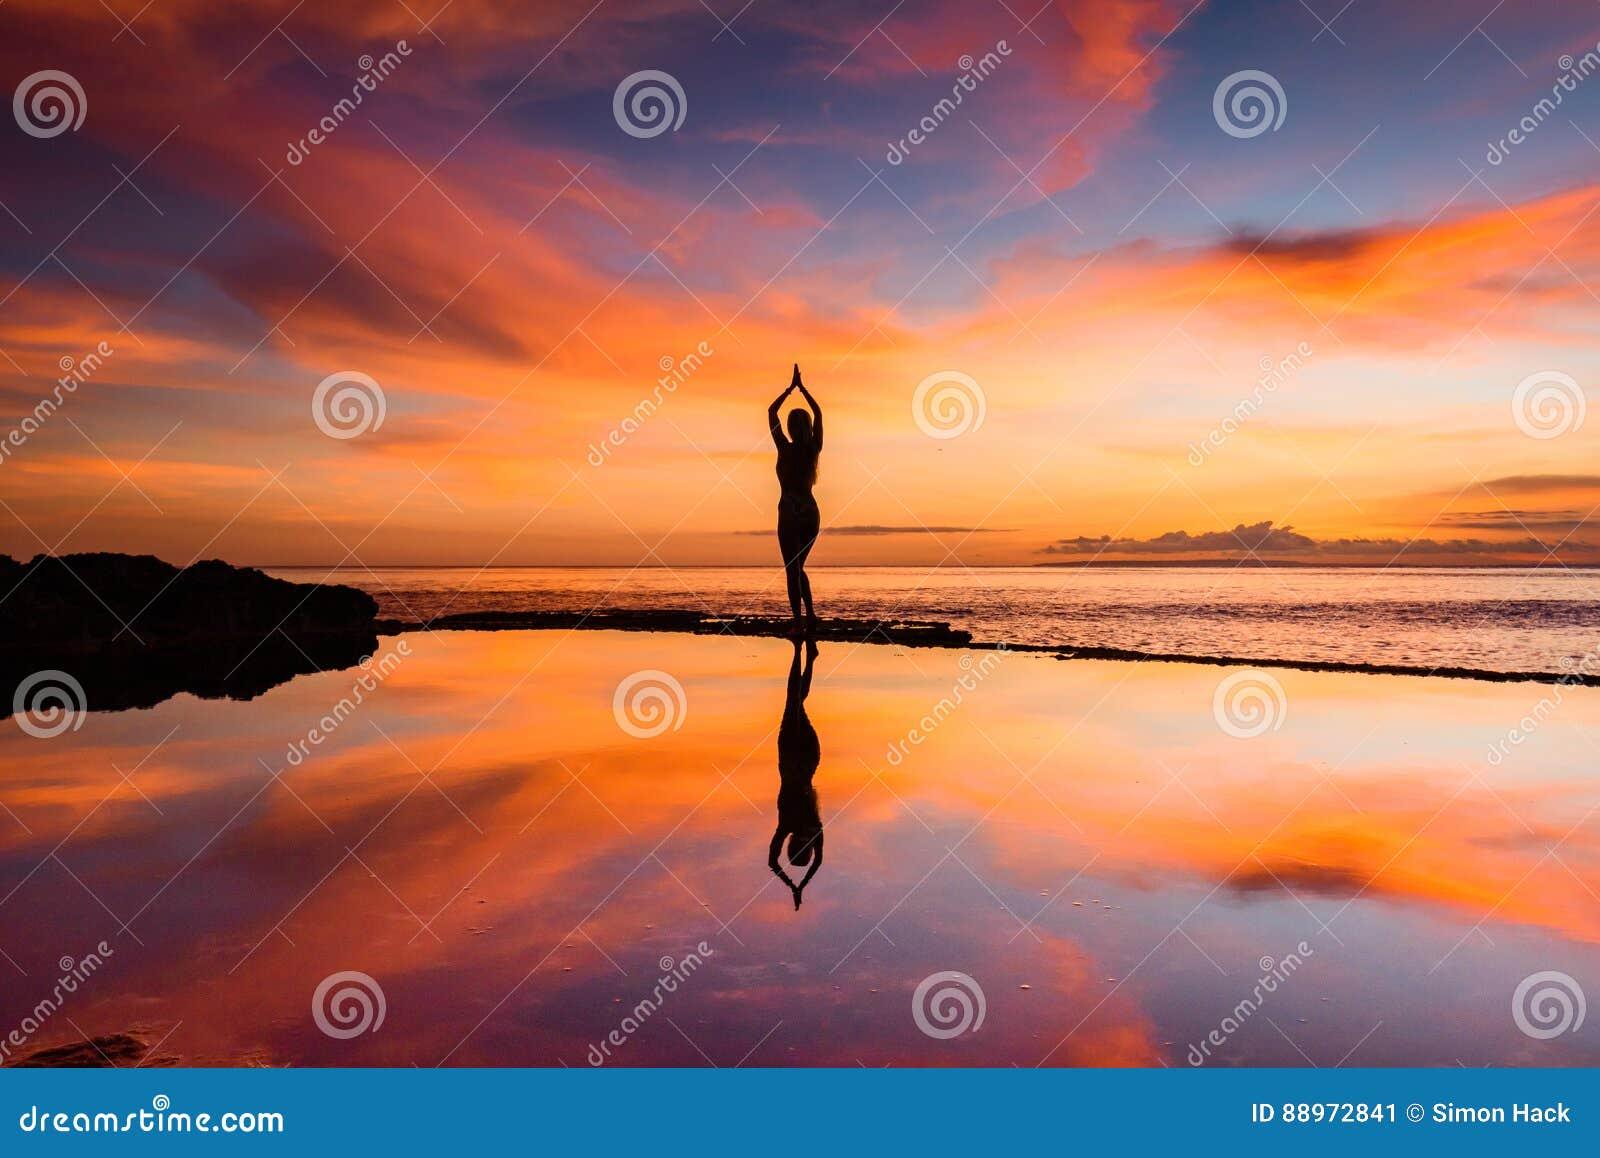 Uma mulher em uma pose da ioga mostrada em silhueta contra um por do sol com sua reflexão na água